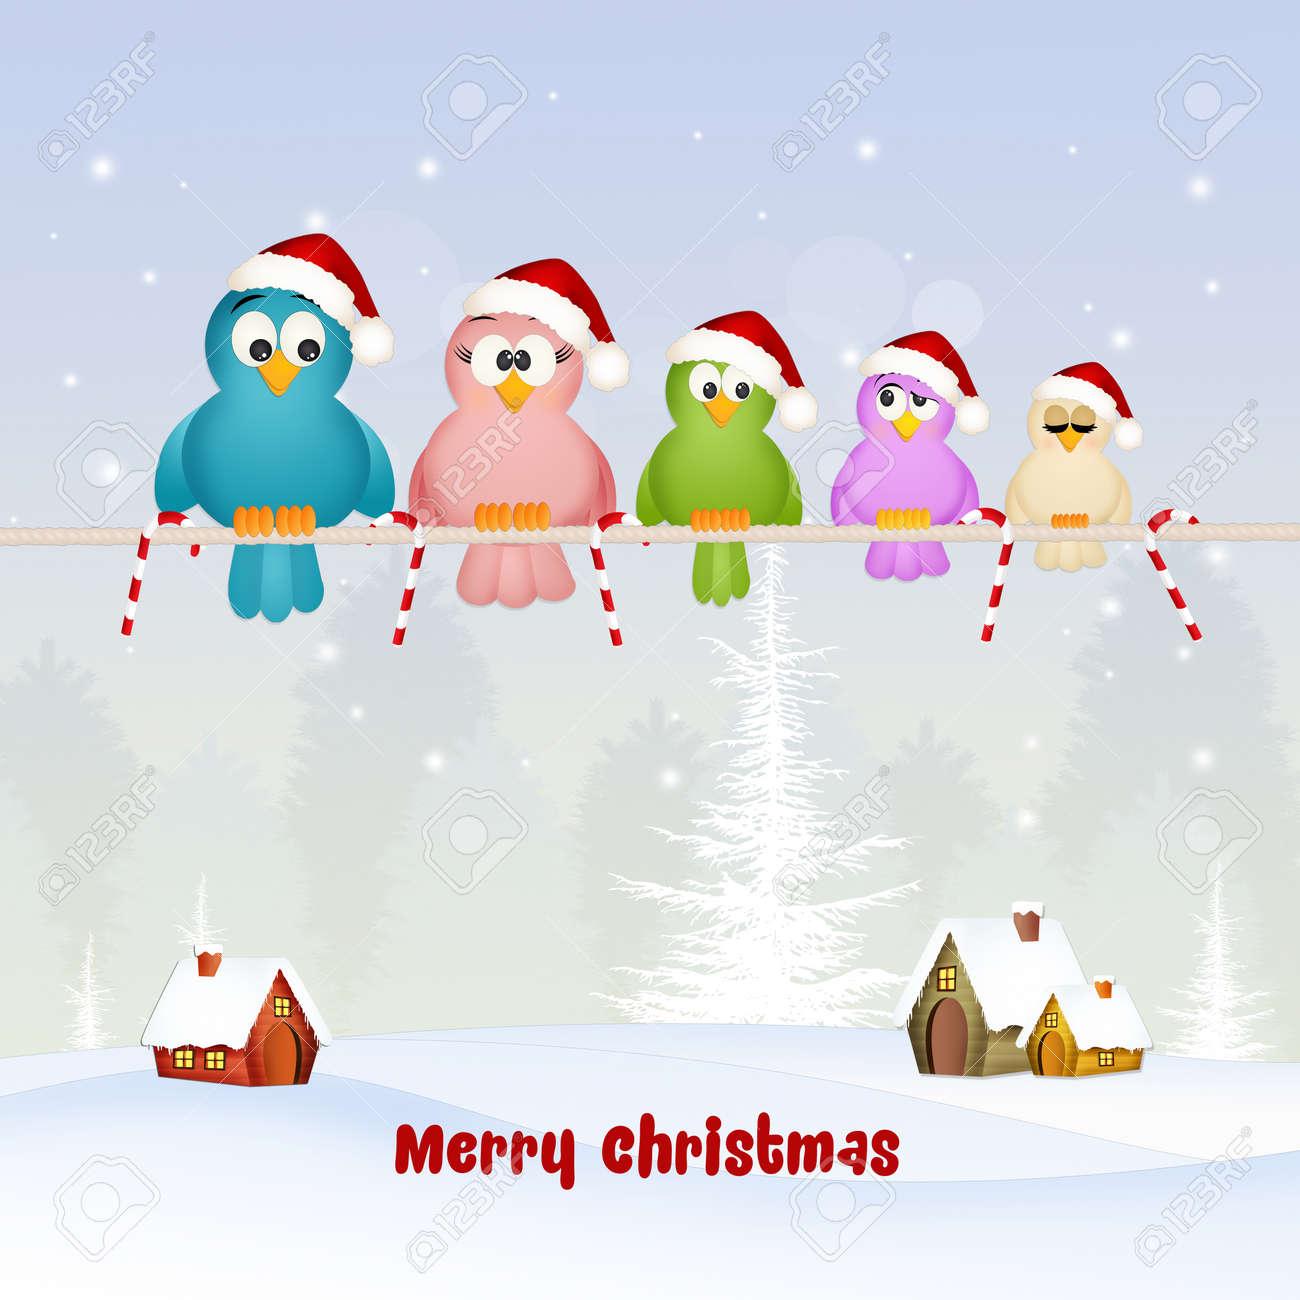 Begrüßung Zu Weihnachten Lizenzfreie Fotos, Bilder Und Stock ...